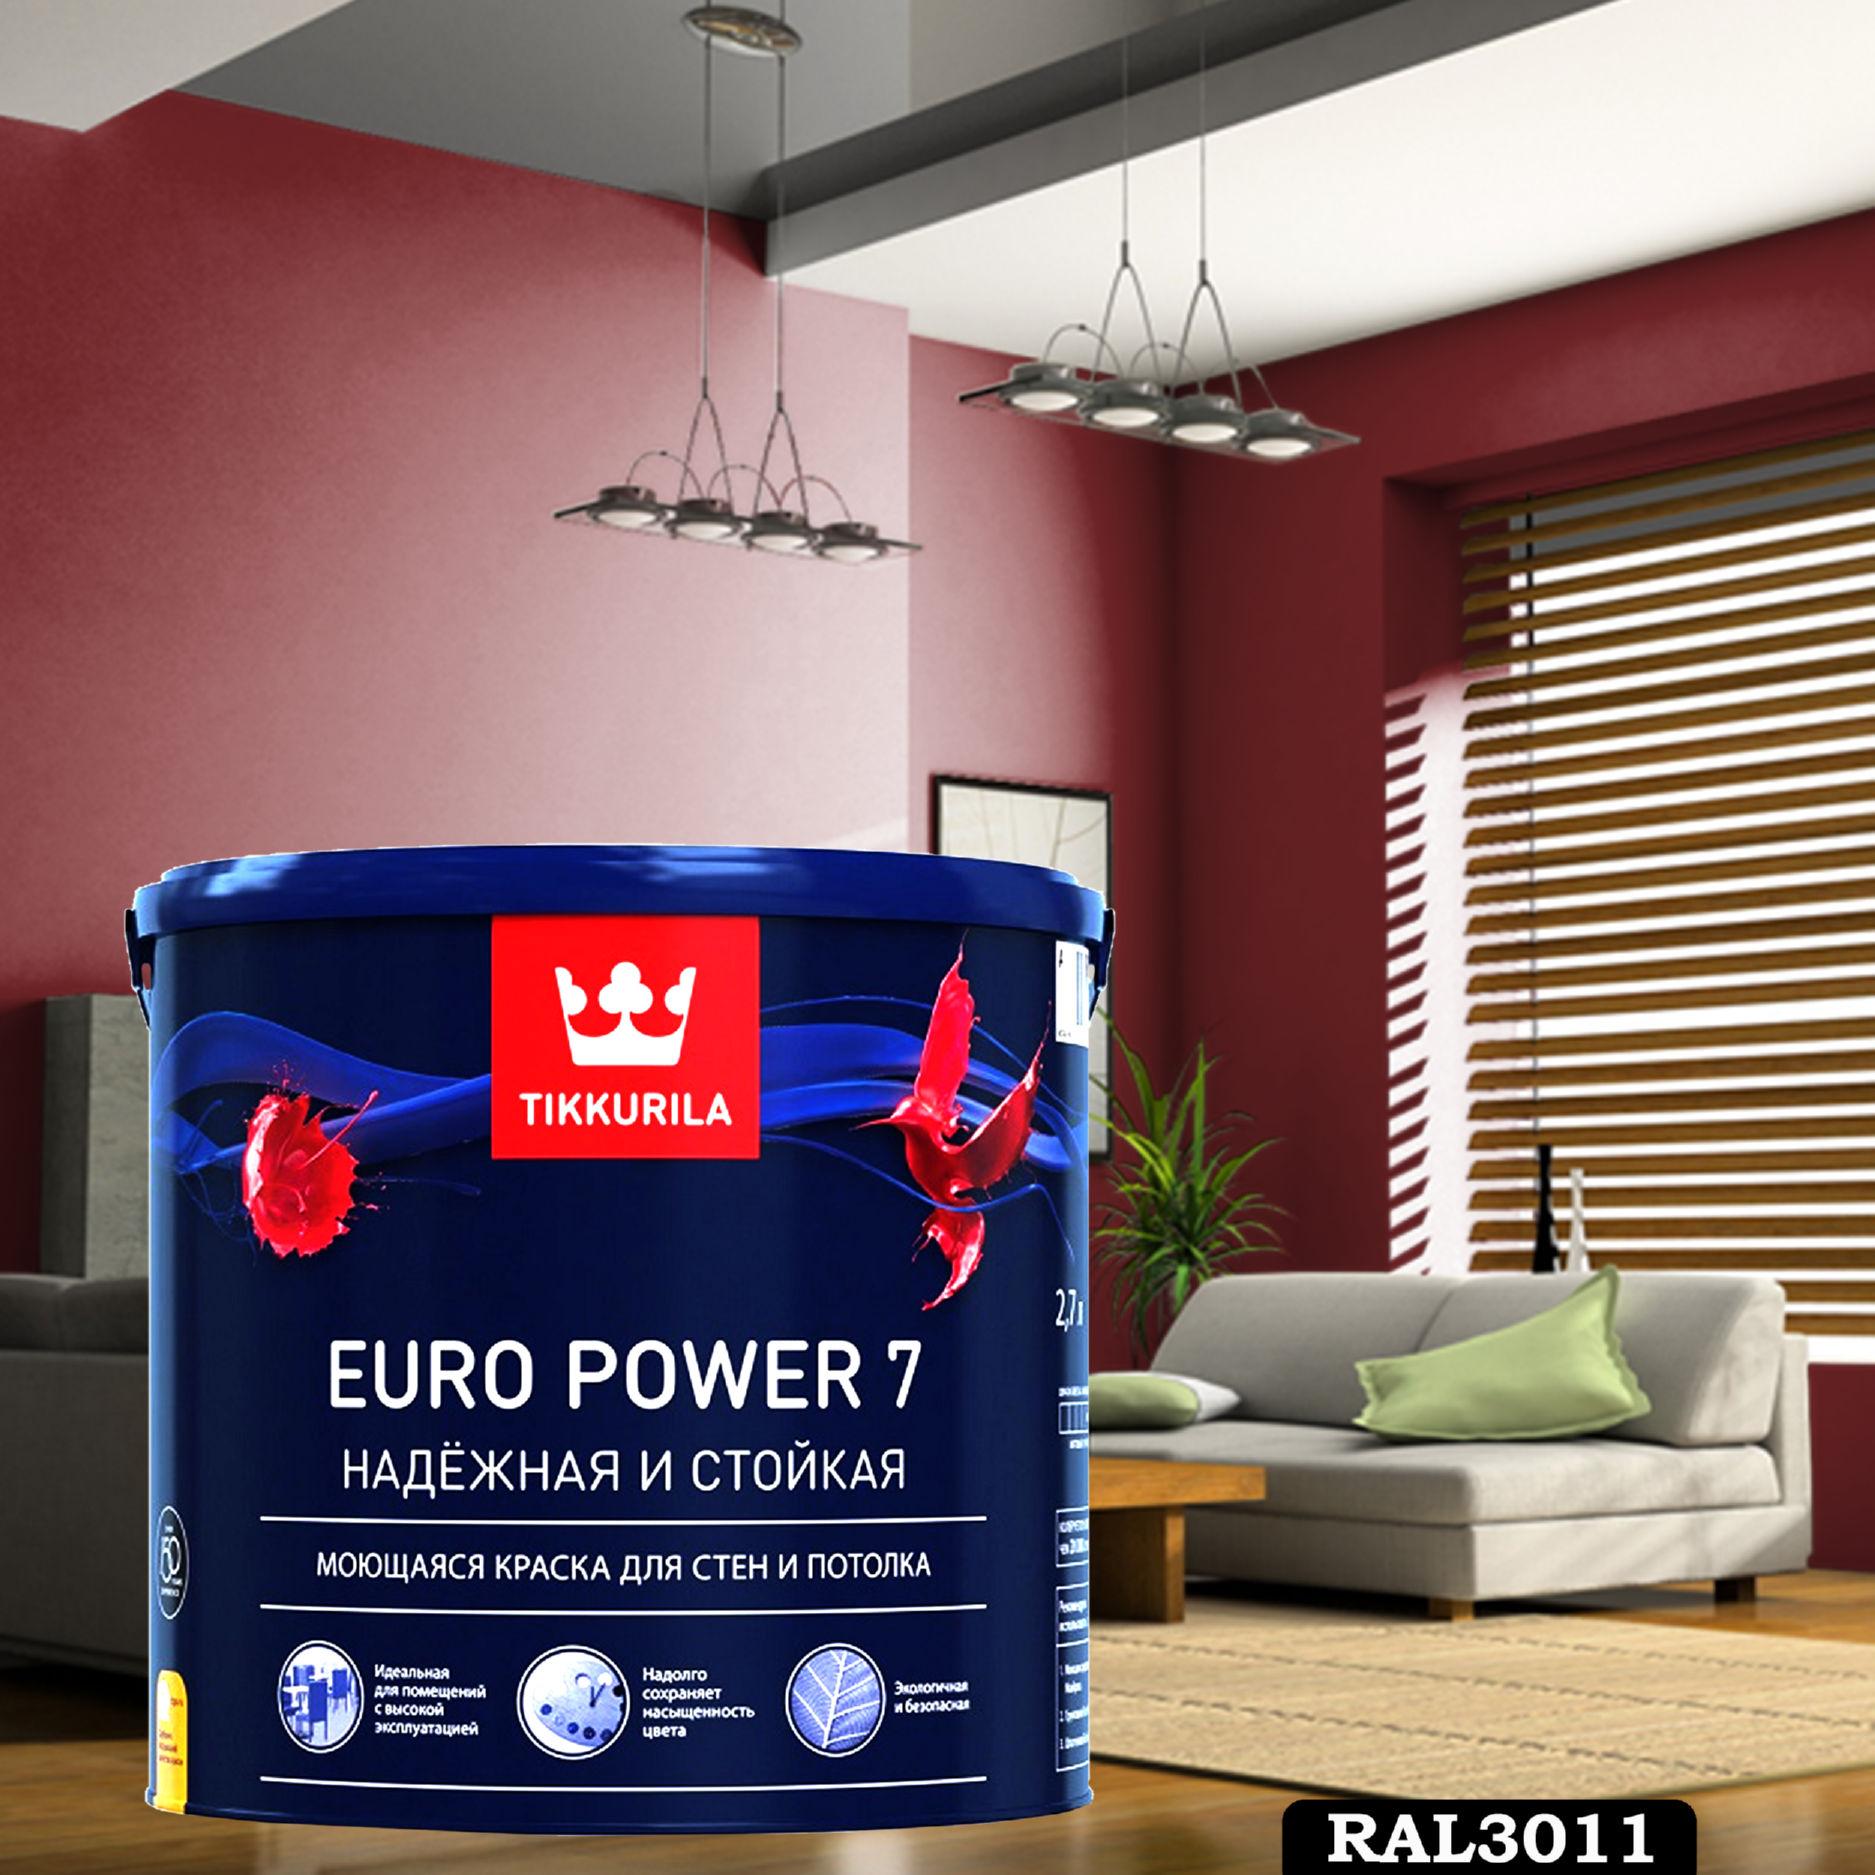 Фото 9 - Краска TIKKURILA Euro Power 7,  RAL 3011 Коричнево-красный, латексная моющаяся матовая интерьерная, 9 л.